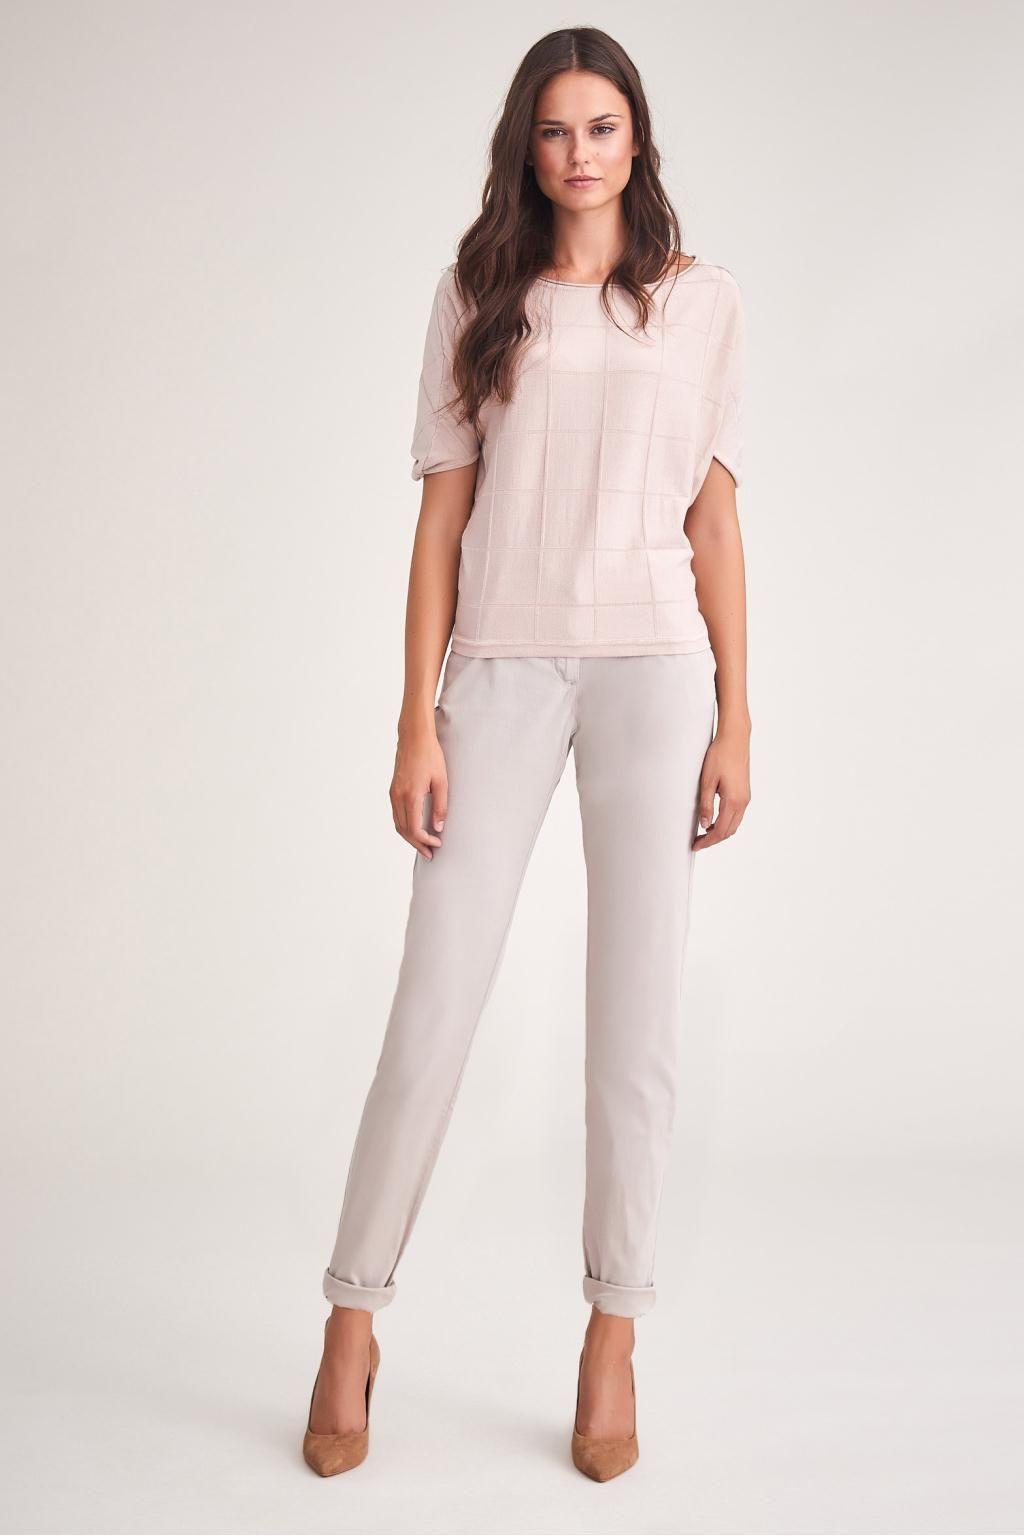 Modne I Klasyczne Spodnie Damskie Chinosy Jeansy Dla Kobiet Tatuum Eshop Fashion Capri Pants Pants